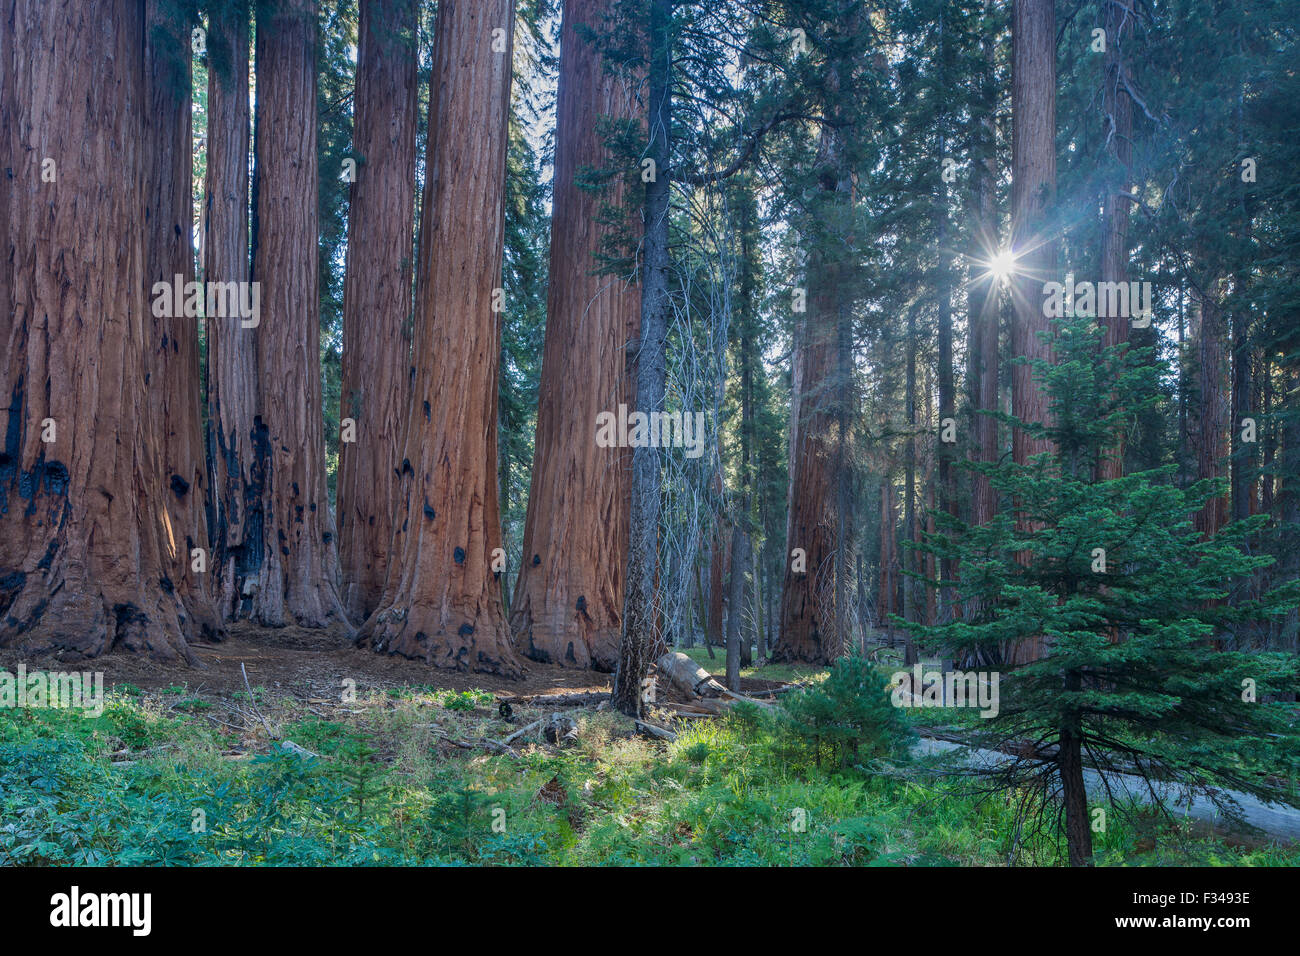 El Grupo Senatorial de secoyas gigantes en el Congreso Trail en Sequoia National Park, California, EE.UU. Foto de stock